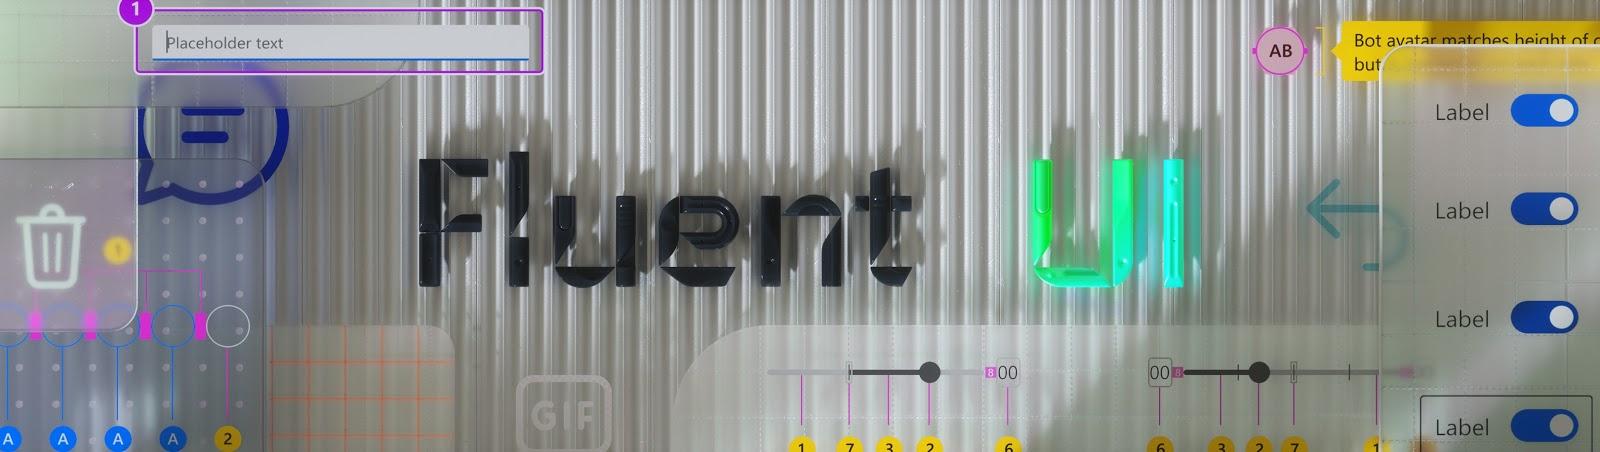 [Video] Nuovi progressi per Fluent Design annunciati da Microsoft